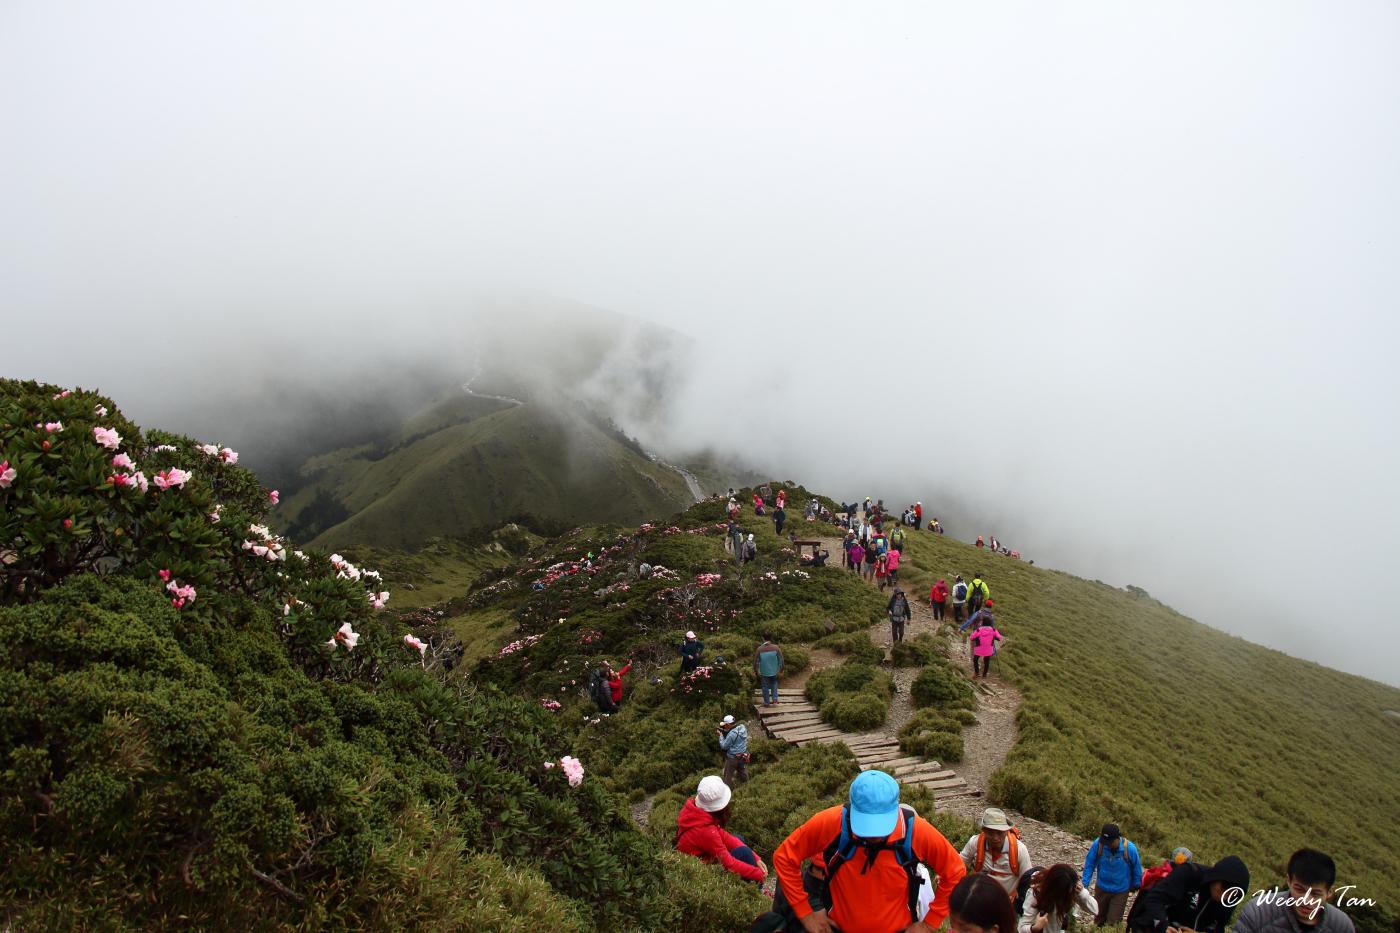 Hehuanshan East Peak (Image from Weedy Tan)